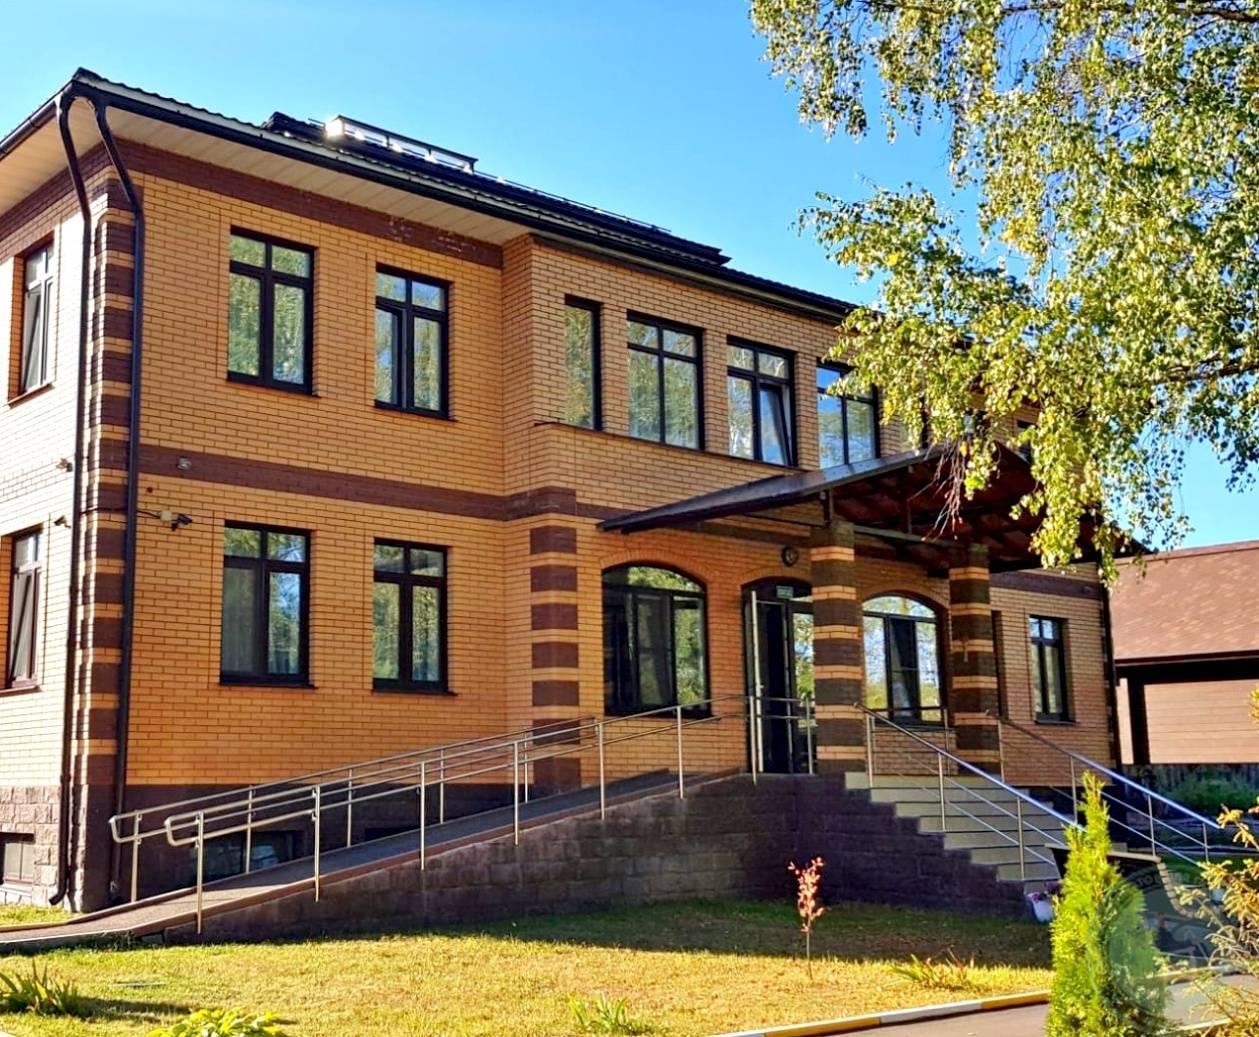 Дом для престарелых в голицыно государственный дом интернат для престарелых спб